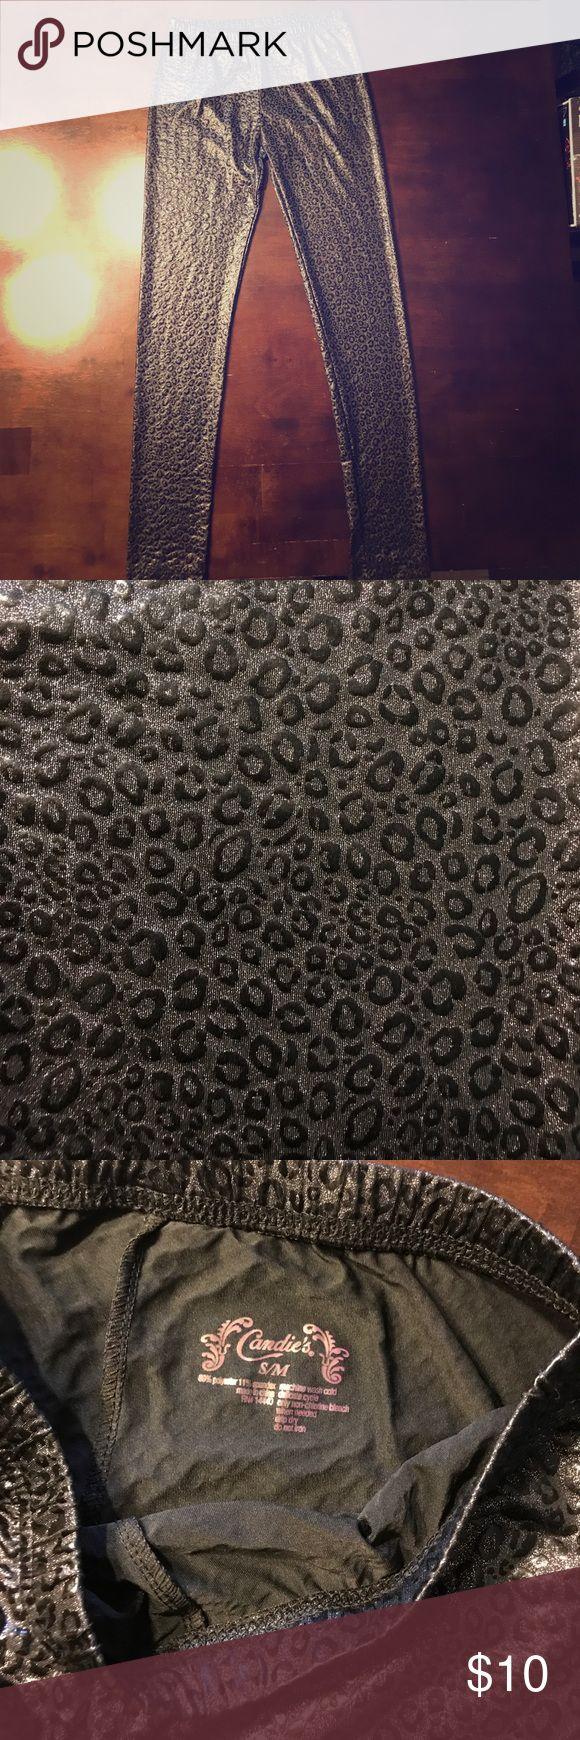 Candie's cheetah print leggings Cheetah print Candie's Pants Leggings